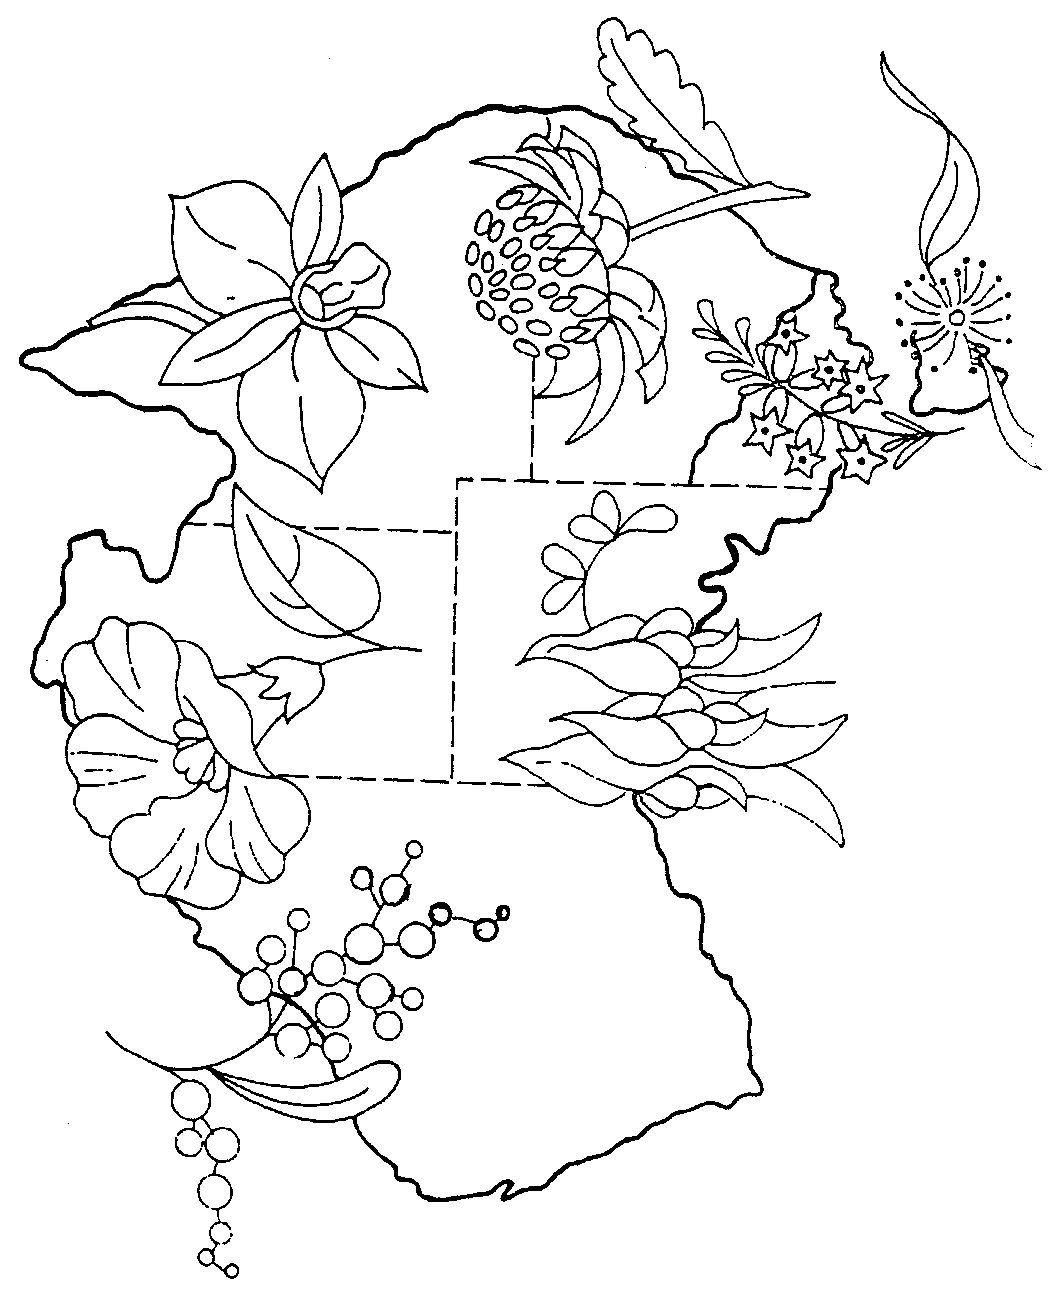 State Fauna Emblems